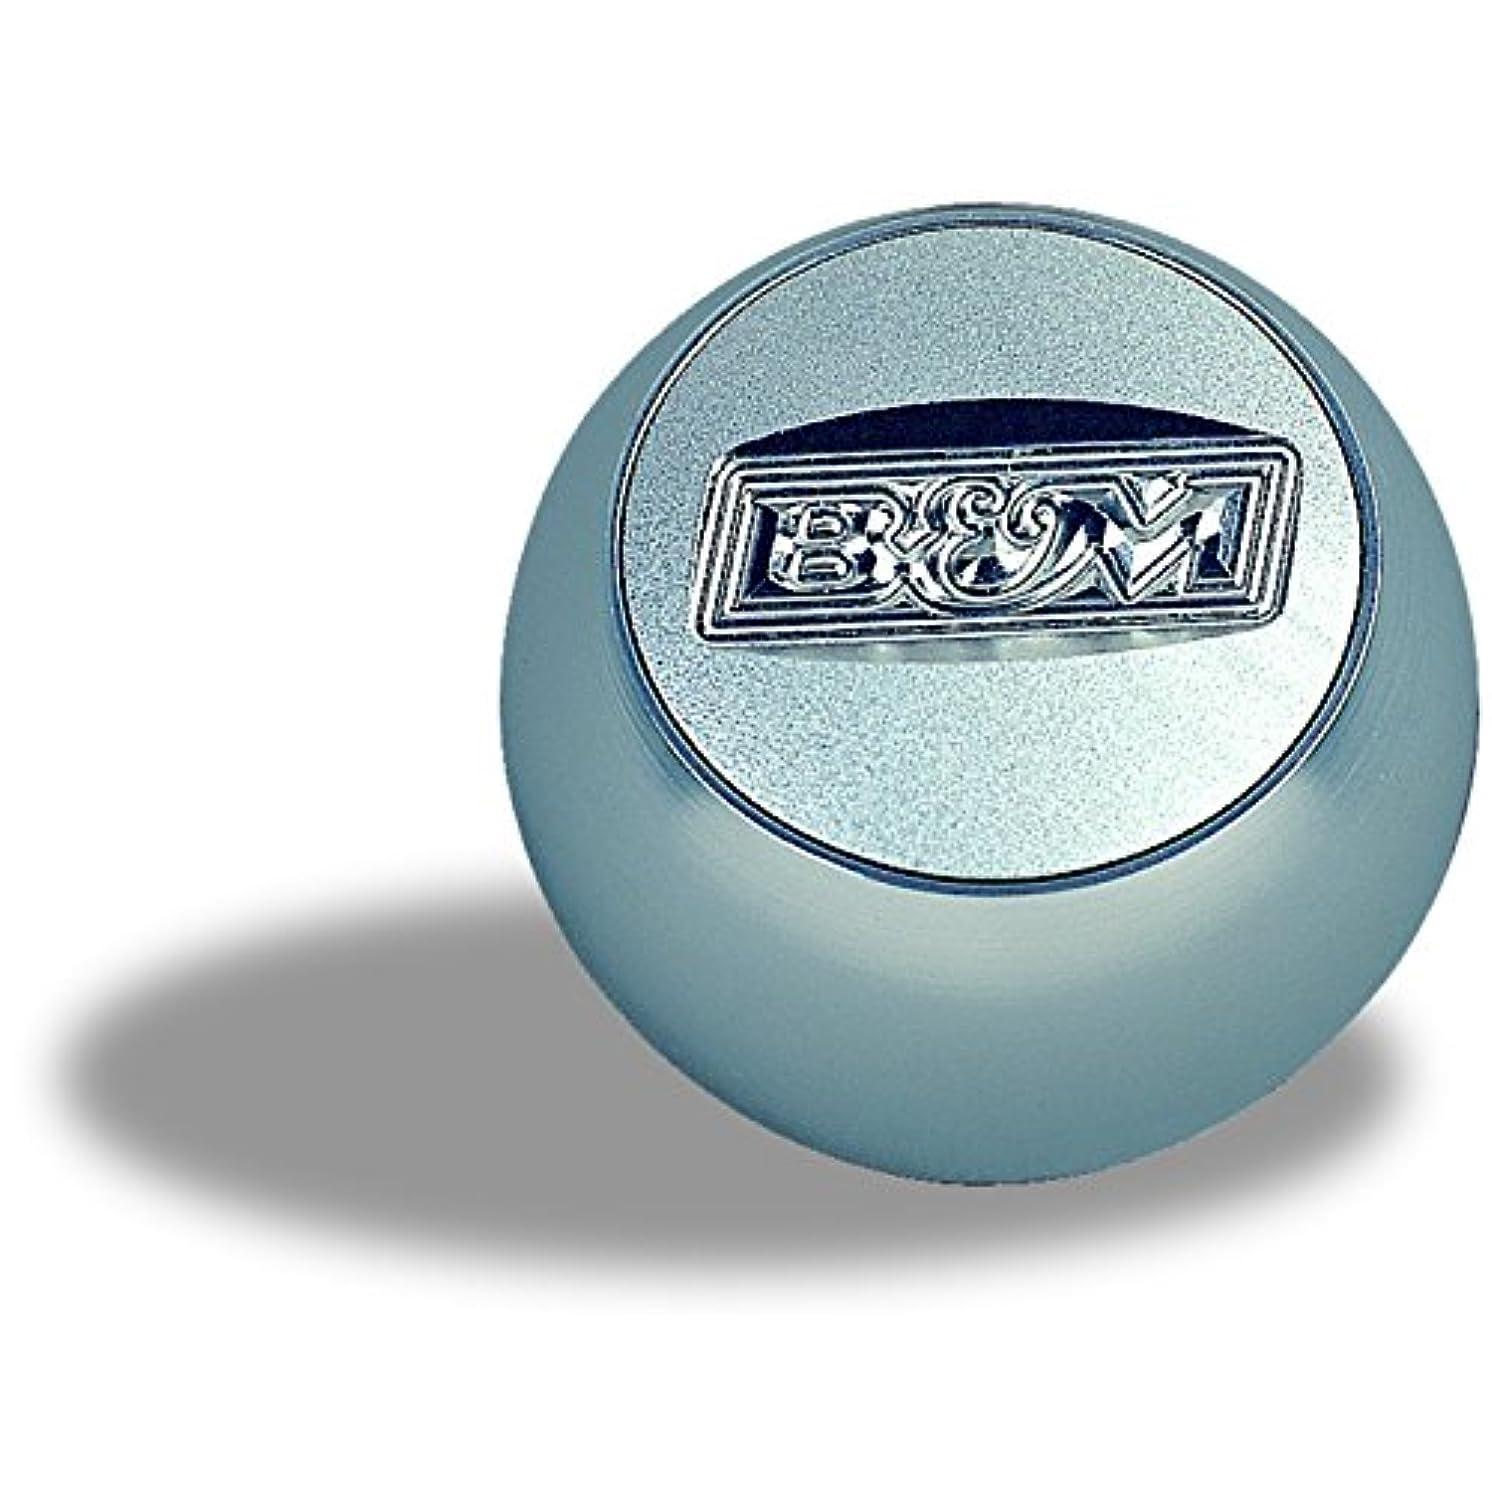 同情的消費帰るB&M 80534の鋼片の水銀の手動伝達転位のノブ